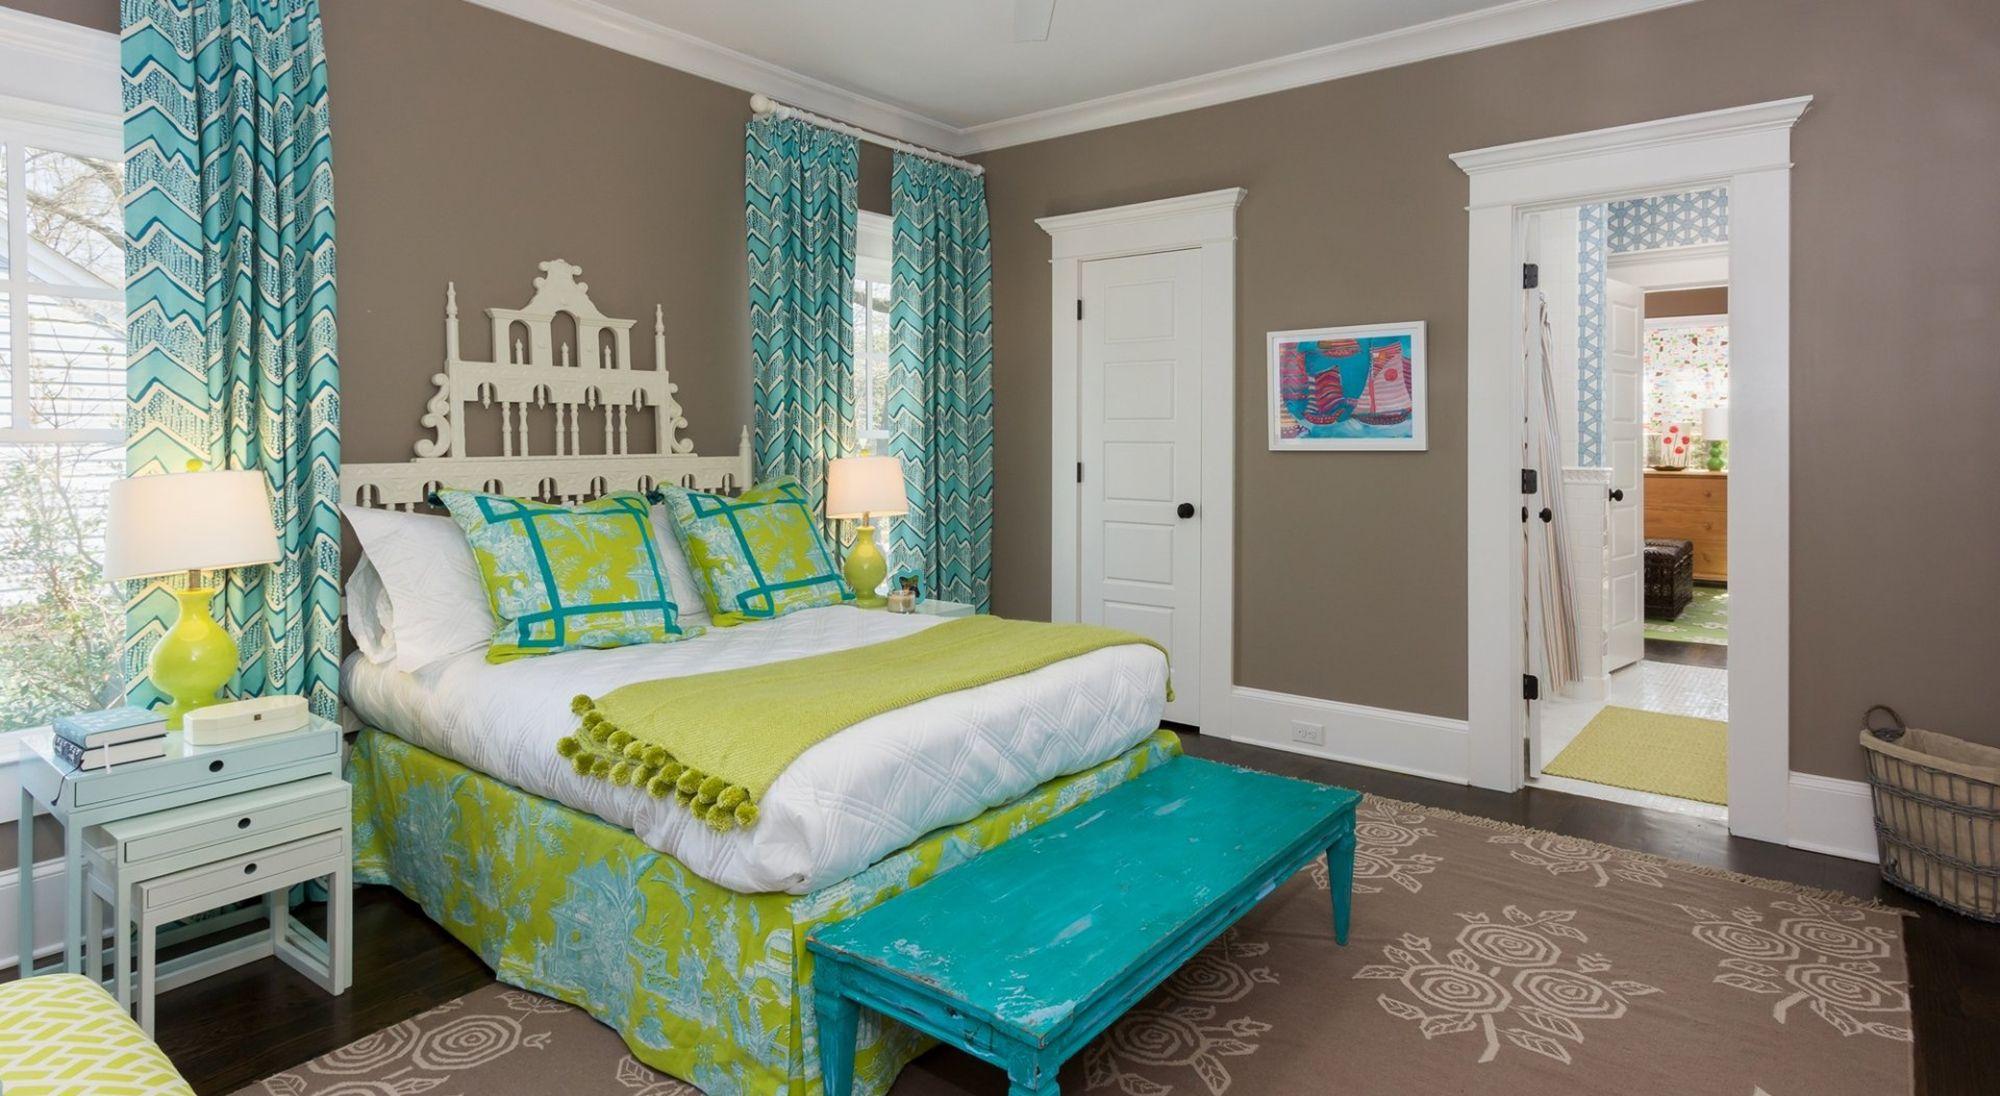 оформляем кровать в бирюзовом цвете